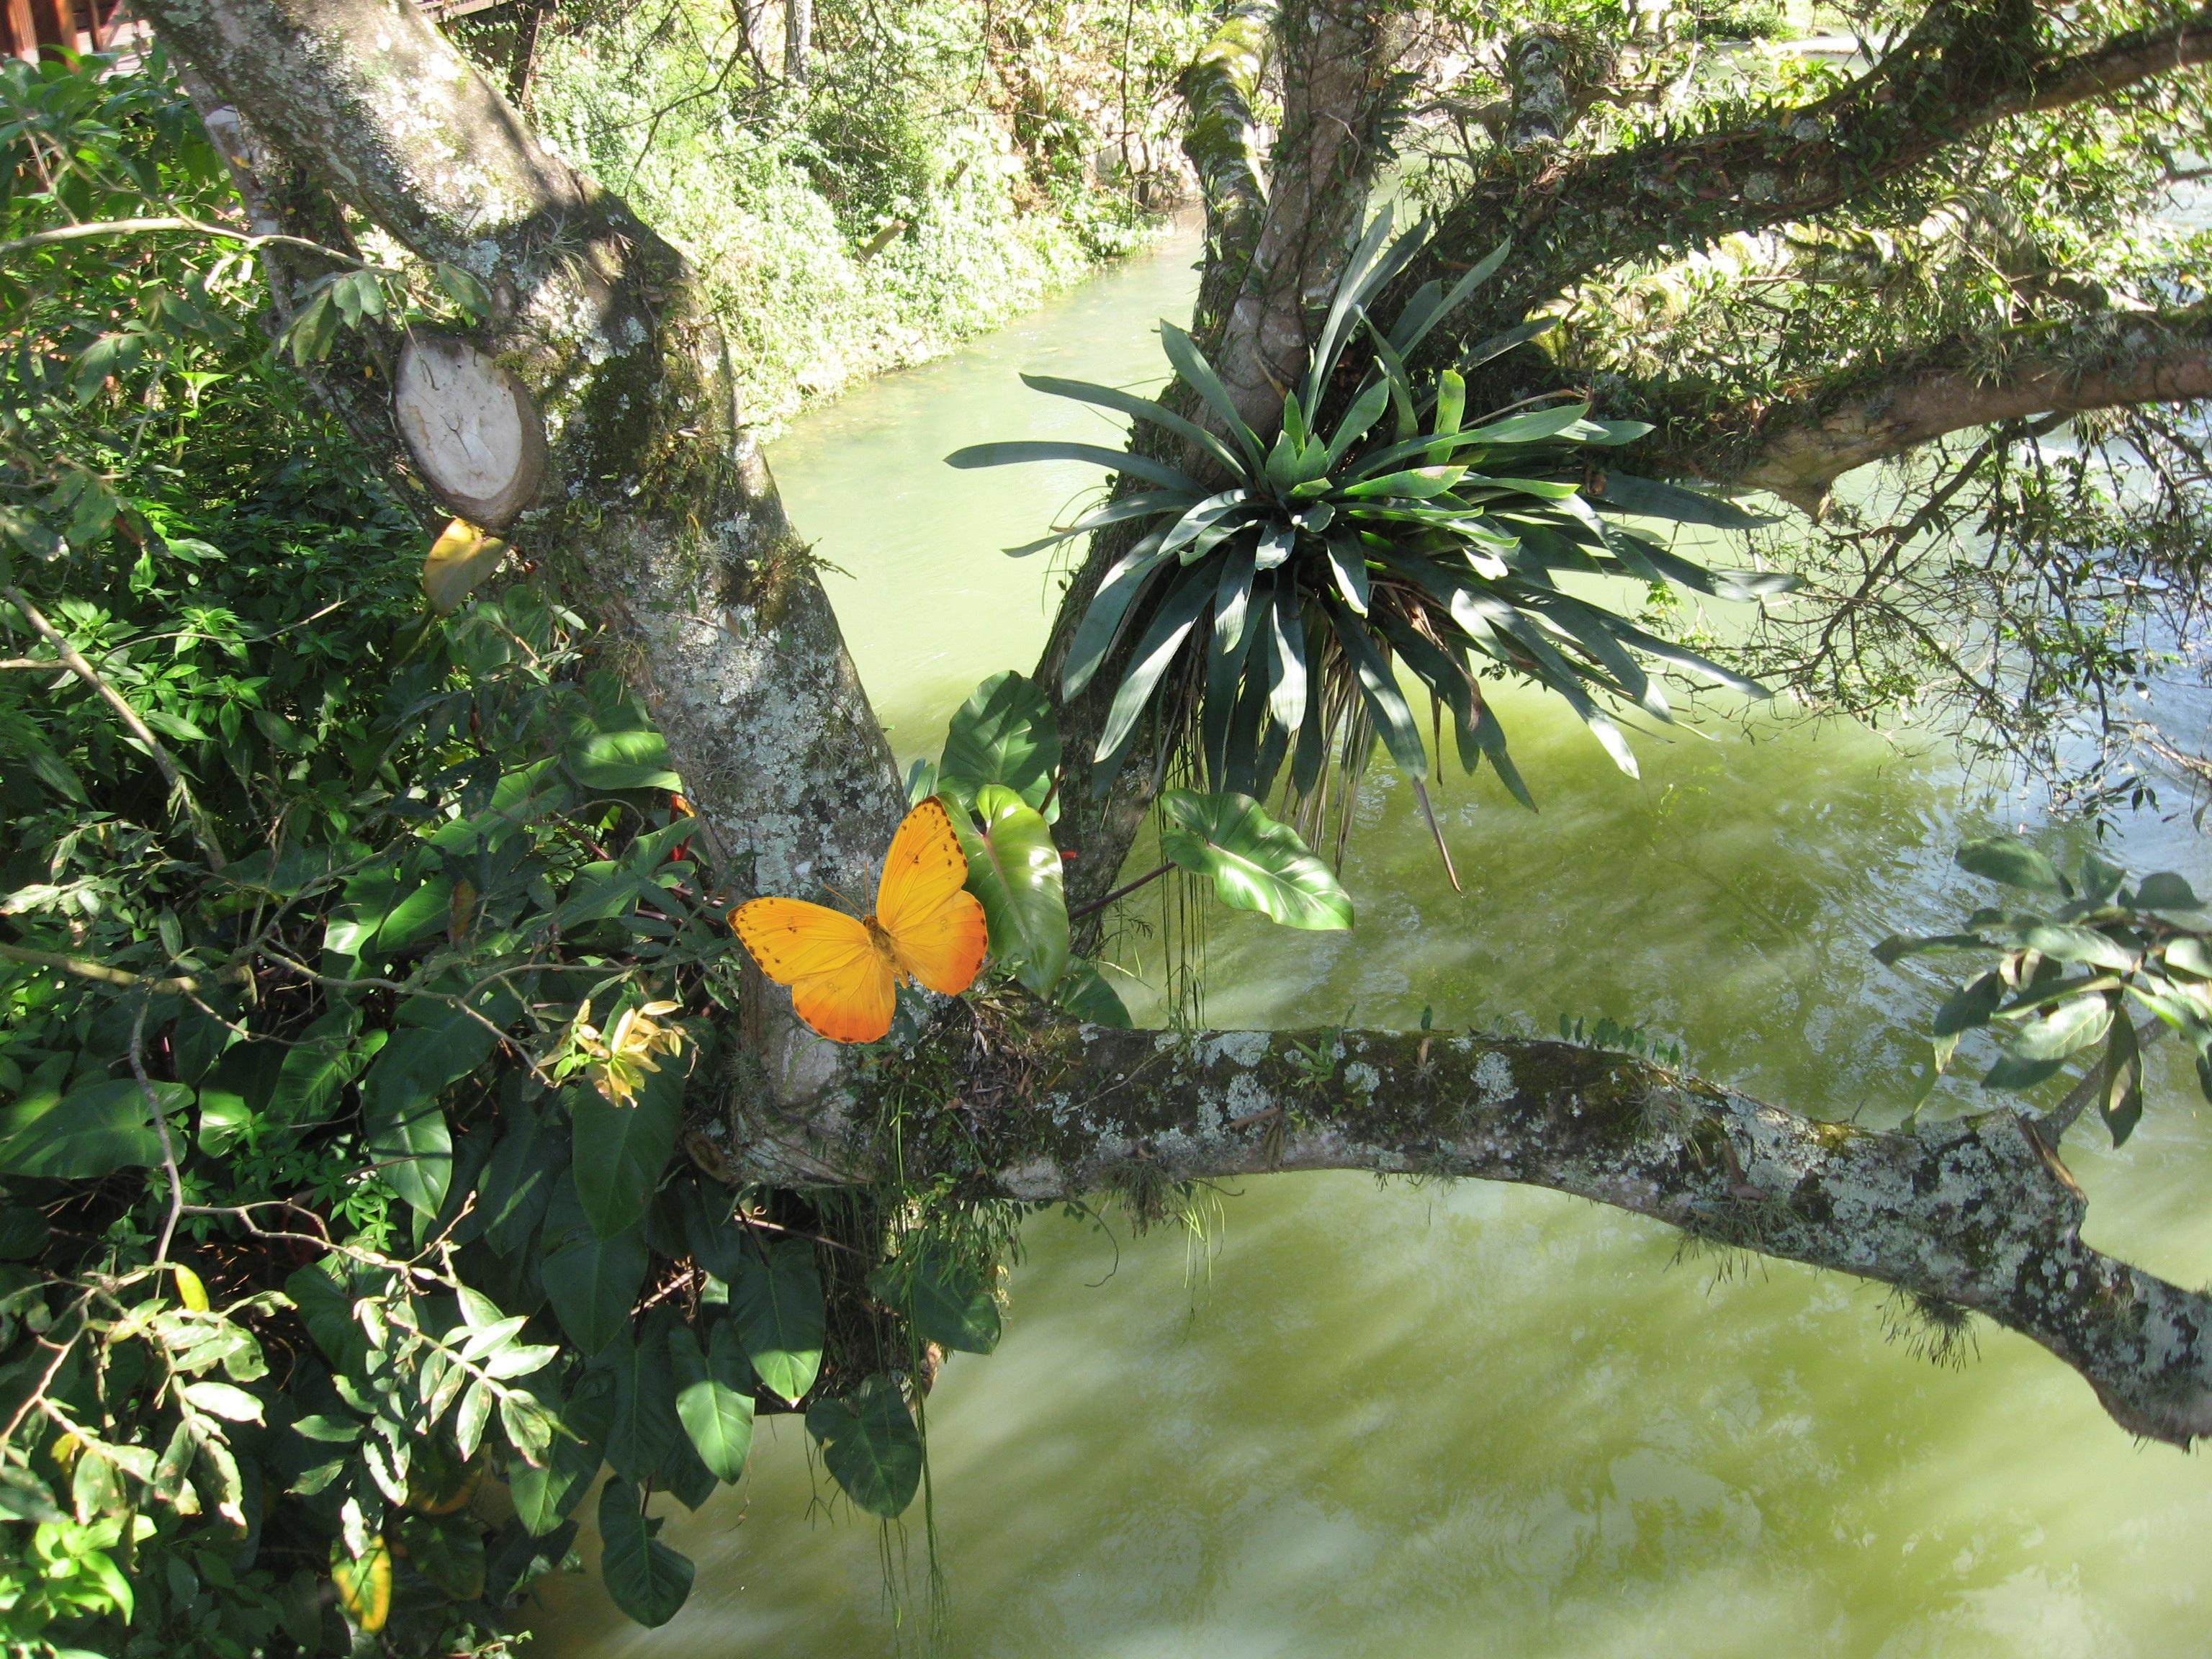 Extrêmement Images Gratuites : paysage, arbre, eau, branche, plante, feuille  HC88